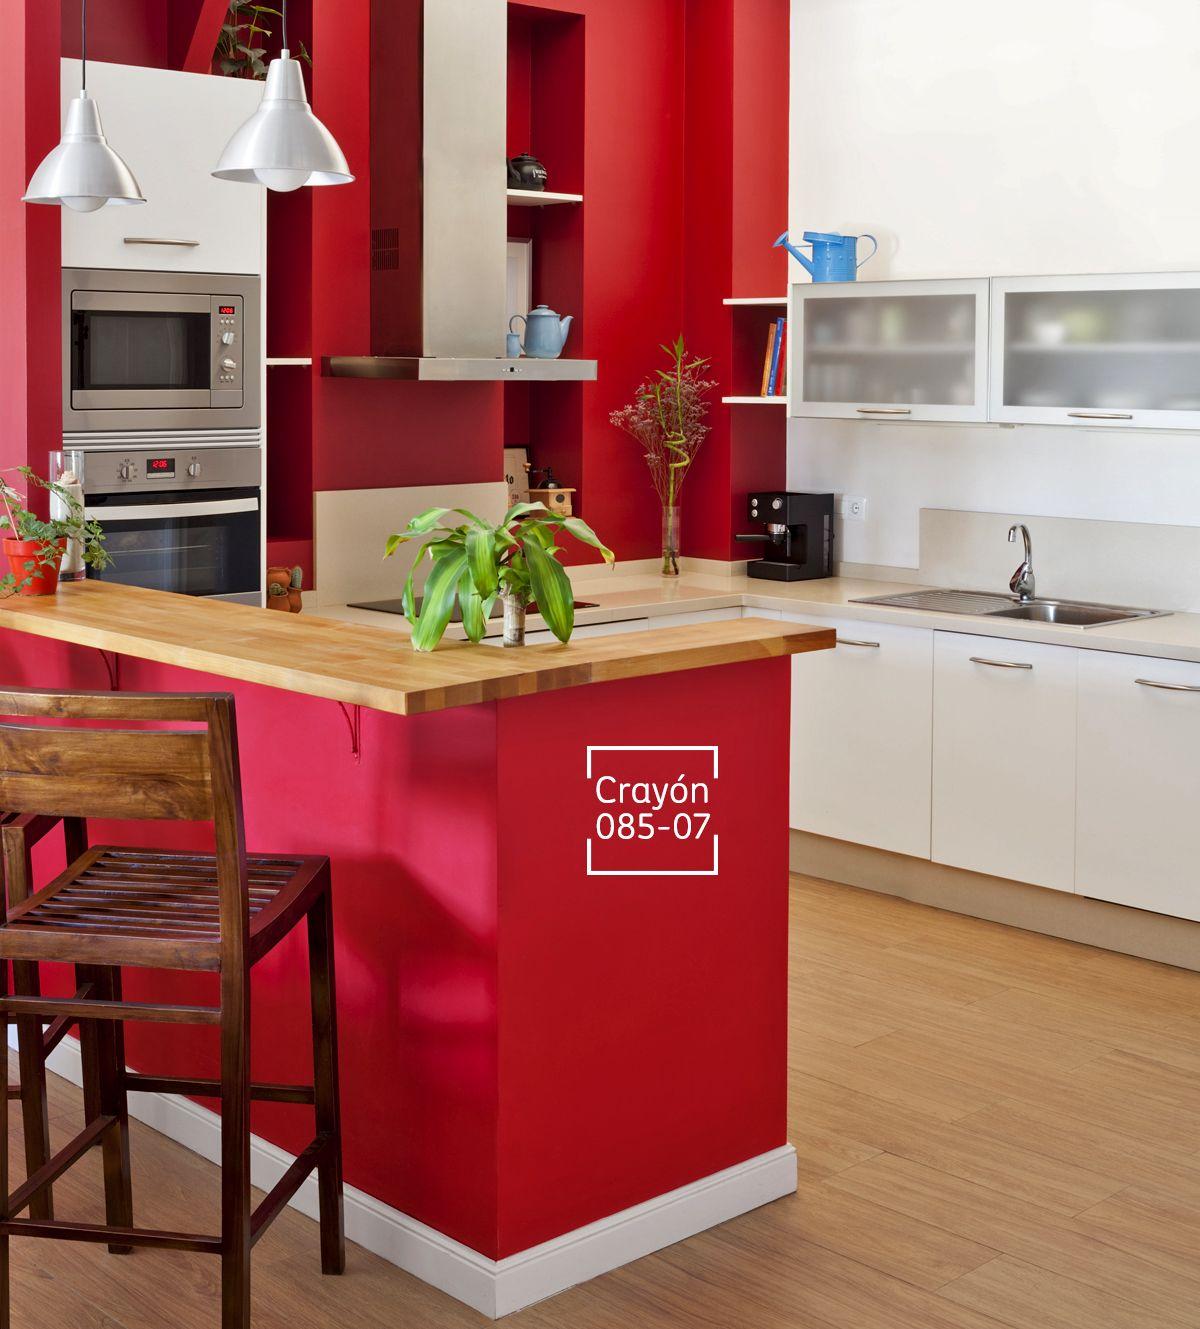 Haz que el rojo te invite a apasionarte por lo que más amas hacer ...